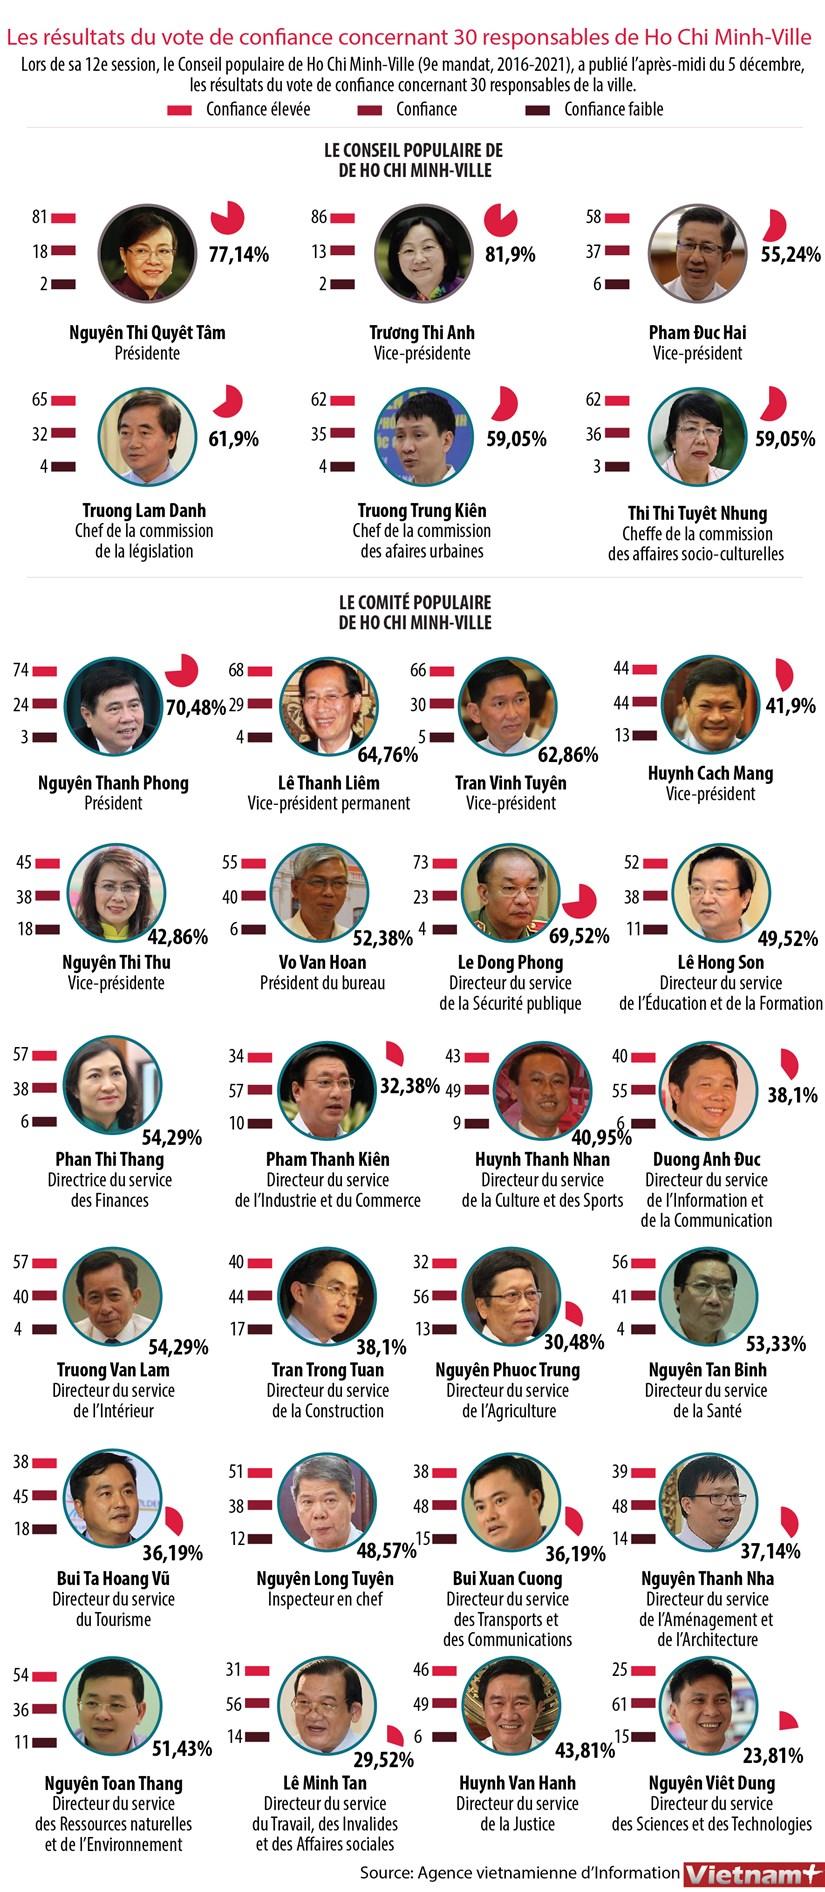 Les resultats du vote de confiance concernant 30 responsables de Ho Chi Minh-Ville hinh anh 1